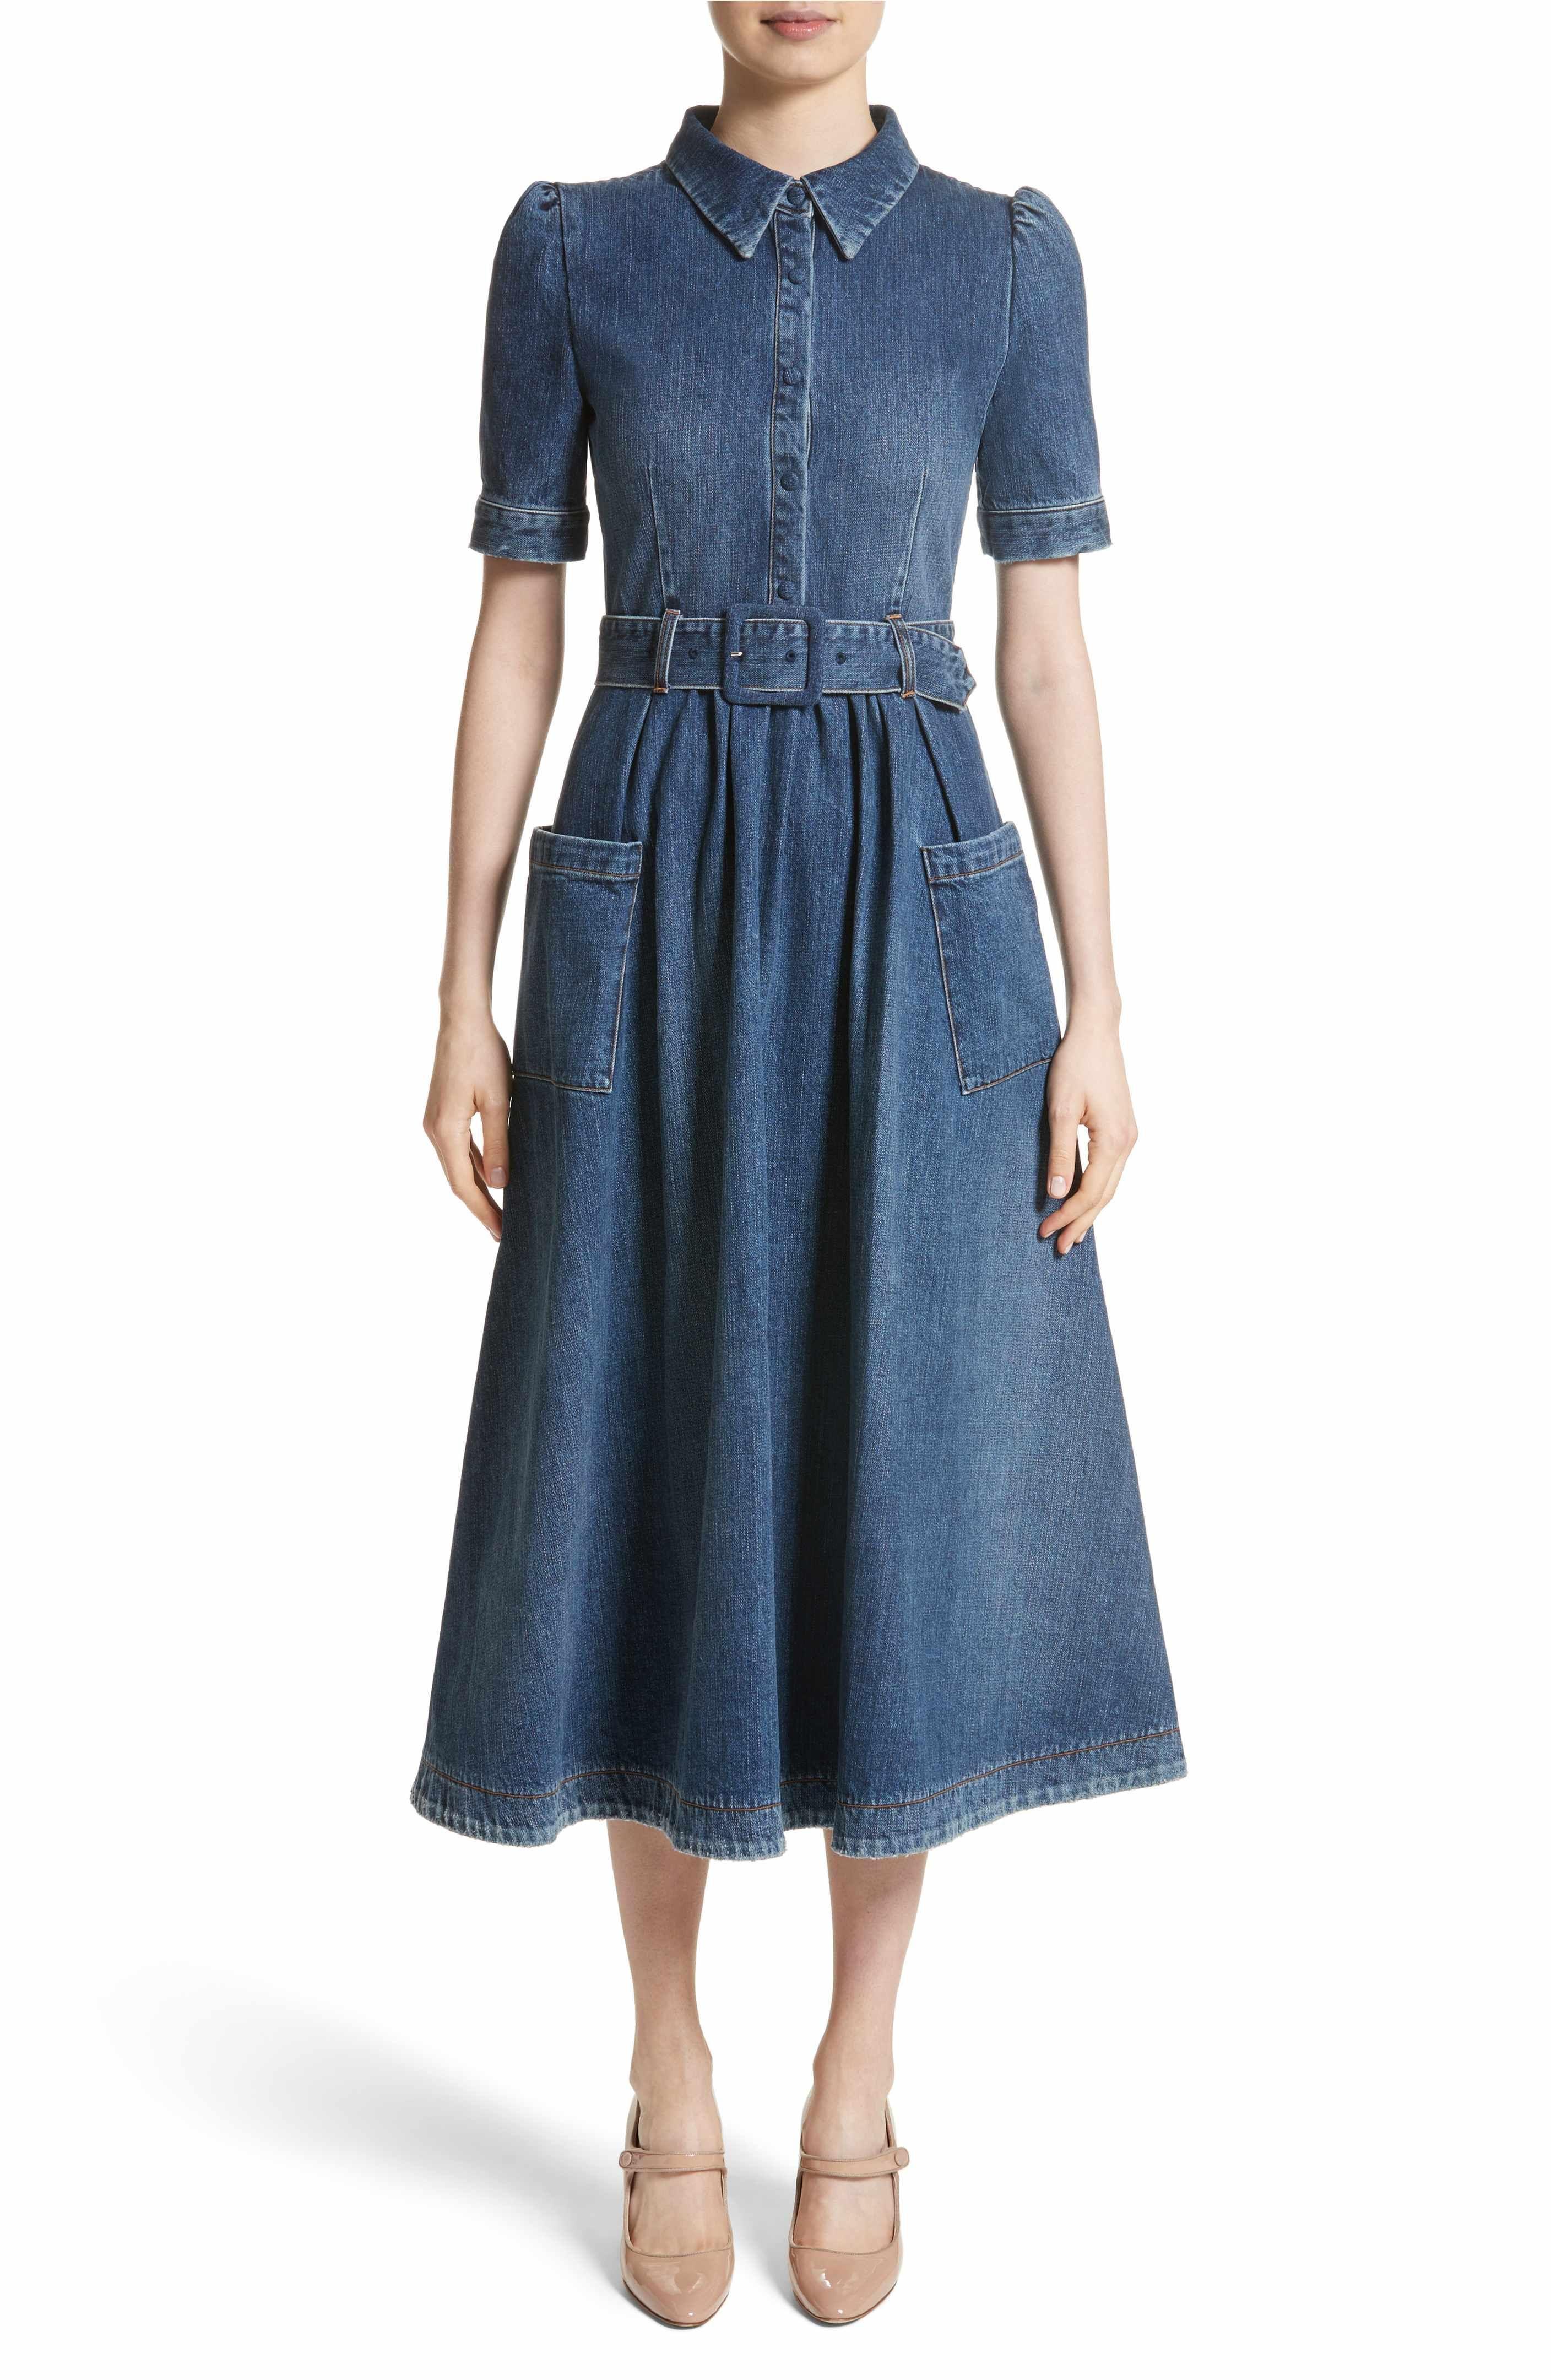 c1d8db708f Main Image - Co Denim Fit   Flare Midi Dress